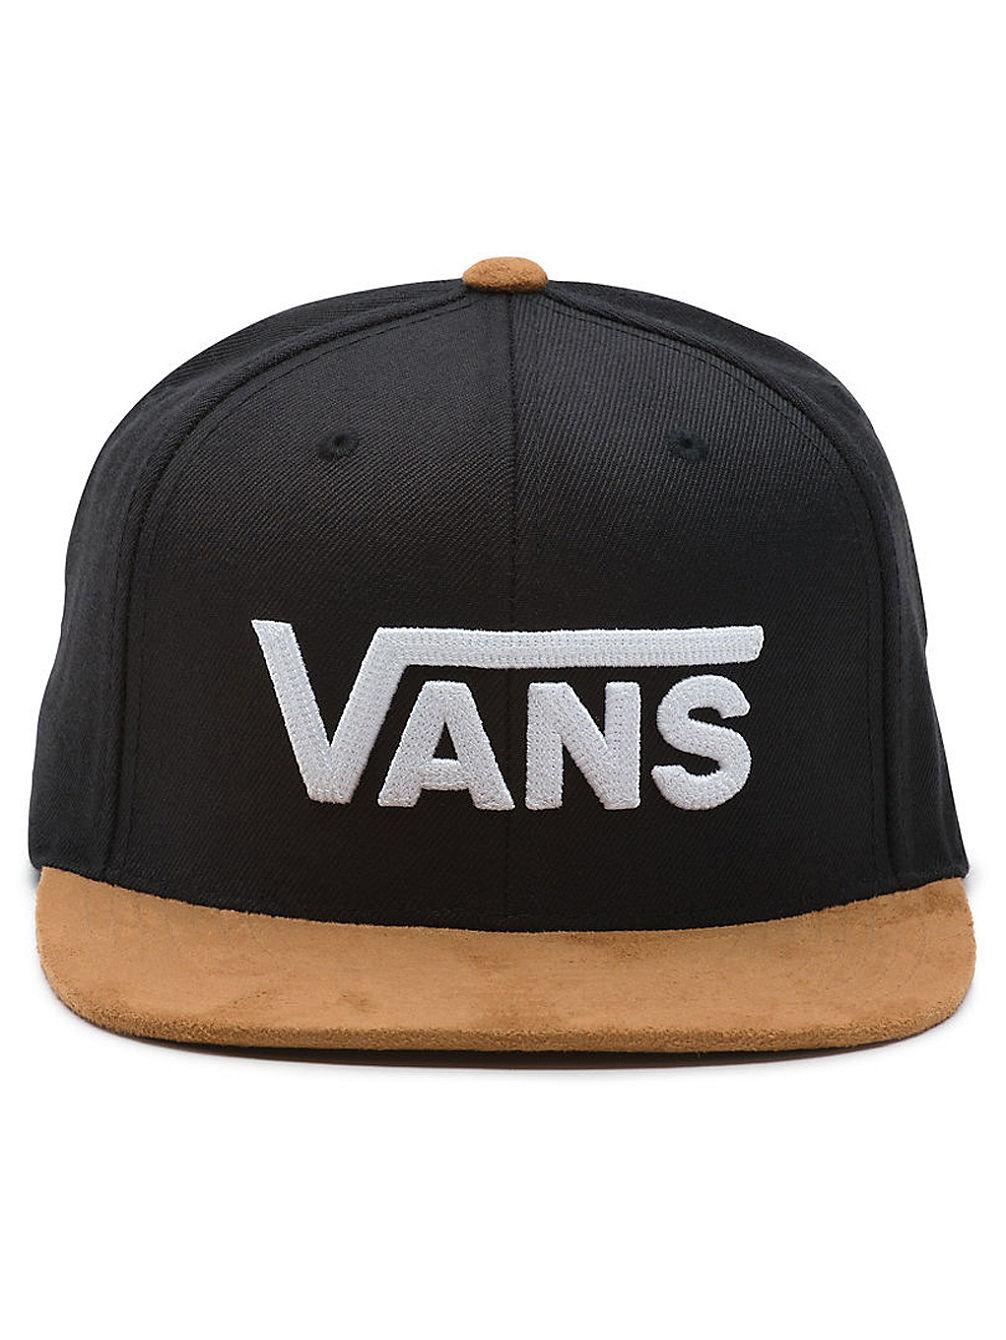 Compra Vans Drop V II Snapback Cappello online su blue-tomato.com 92fdfc4e09a0